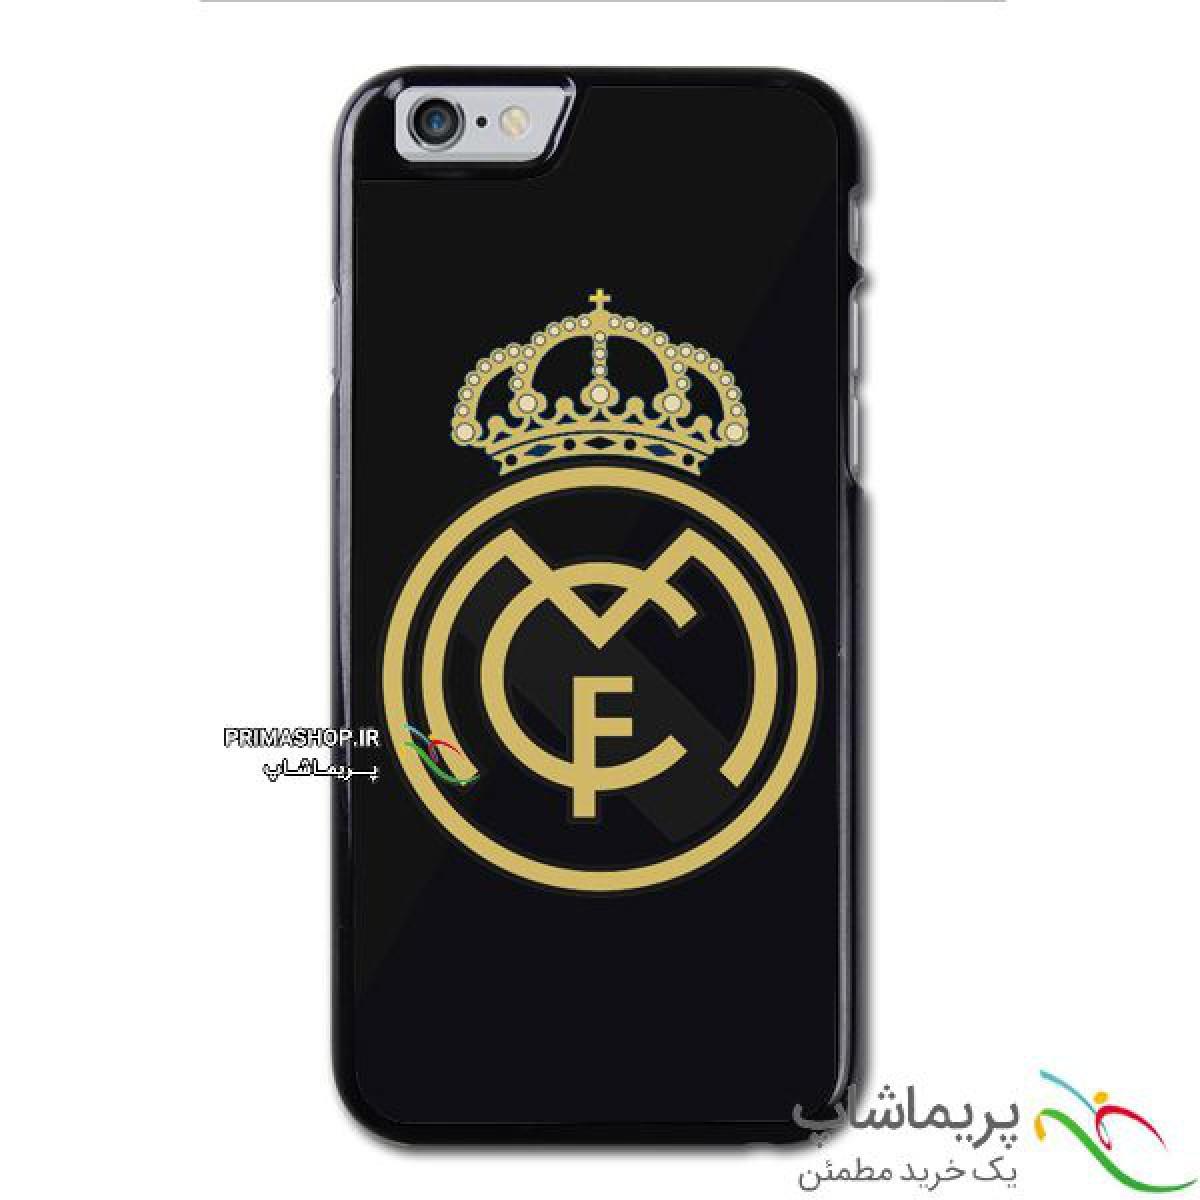 قاب موبایل رئال مادرید لوگو طلایی